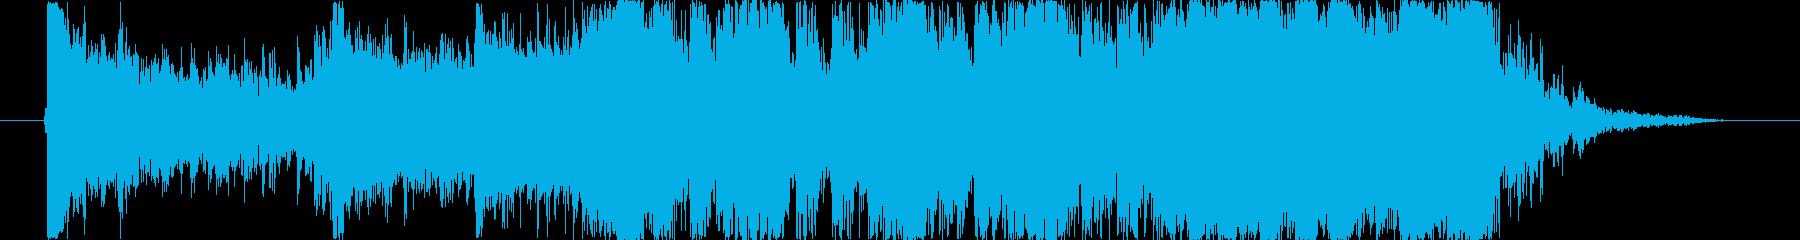 クイズ、危機迫る、カウントダウンジングルの再生済みの波形